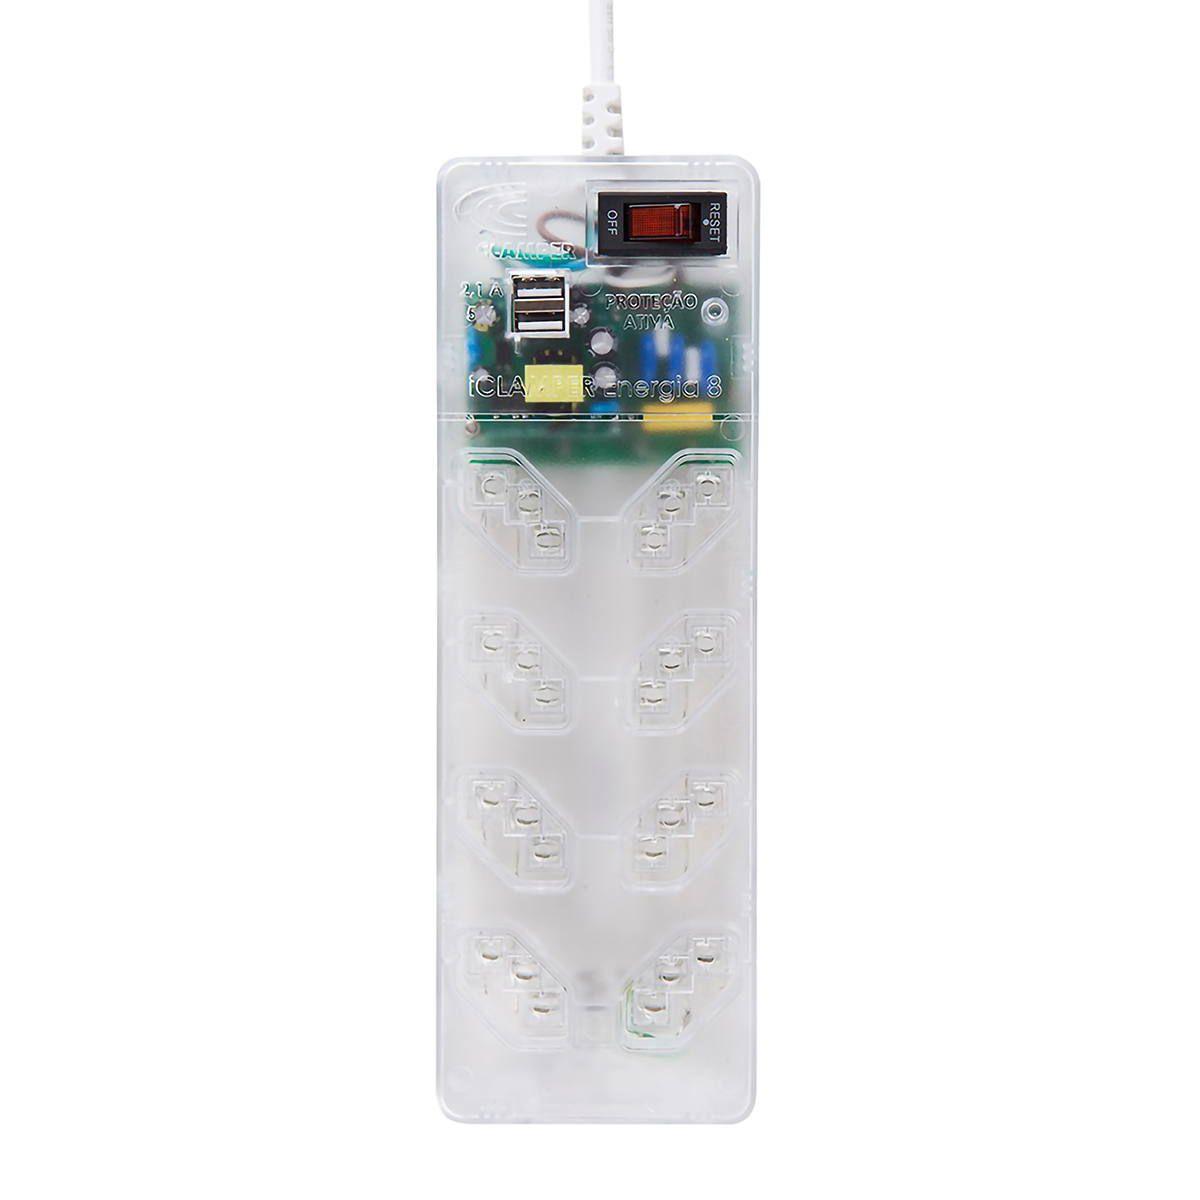 DPS Clamper + Filtro de Linha 8 Tomadas 10A 2 USB Proteção Robusta contra Surtos Bivolt iClamper Energia 8 Transparente